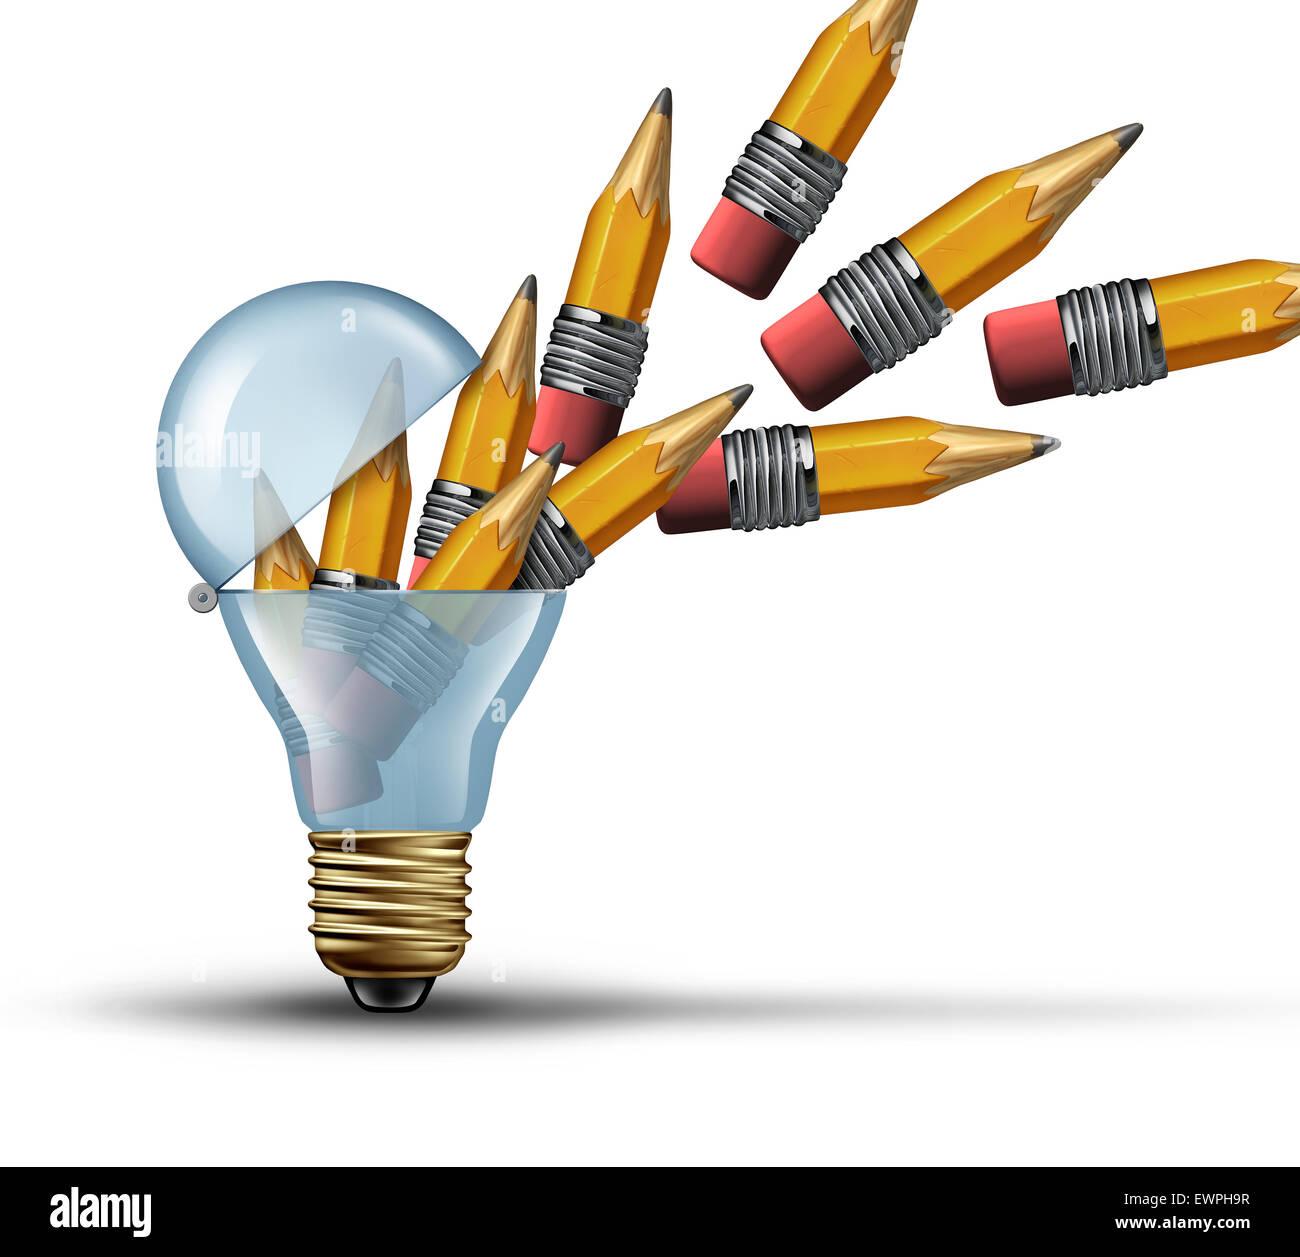 L'imagination et la créativité comme un concept ampoule ampoule ouverte ou symbole de la pensée Photo Stock